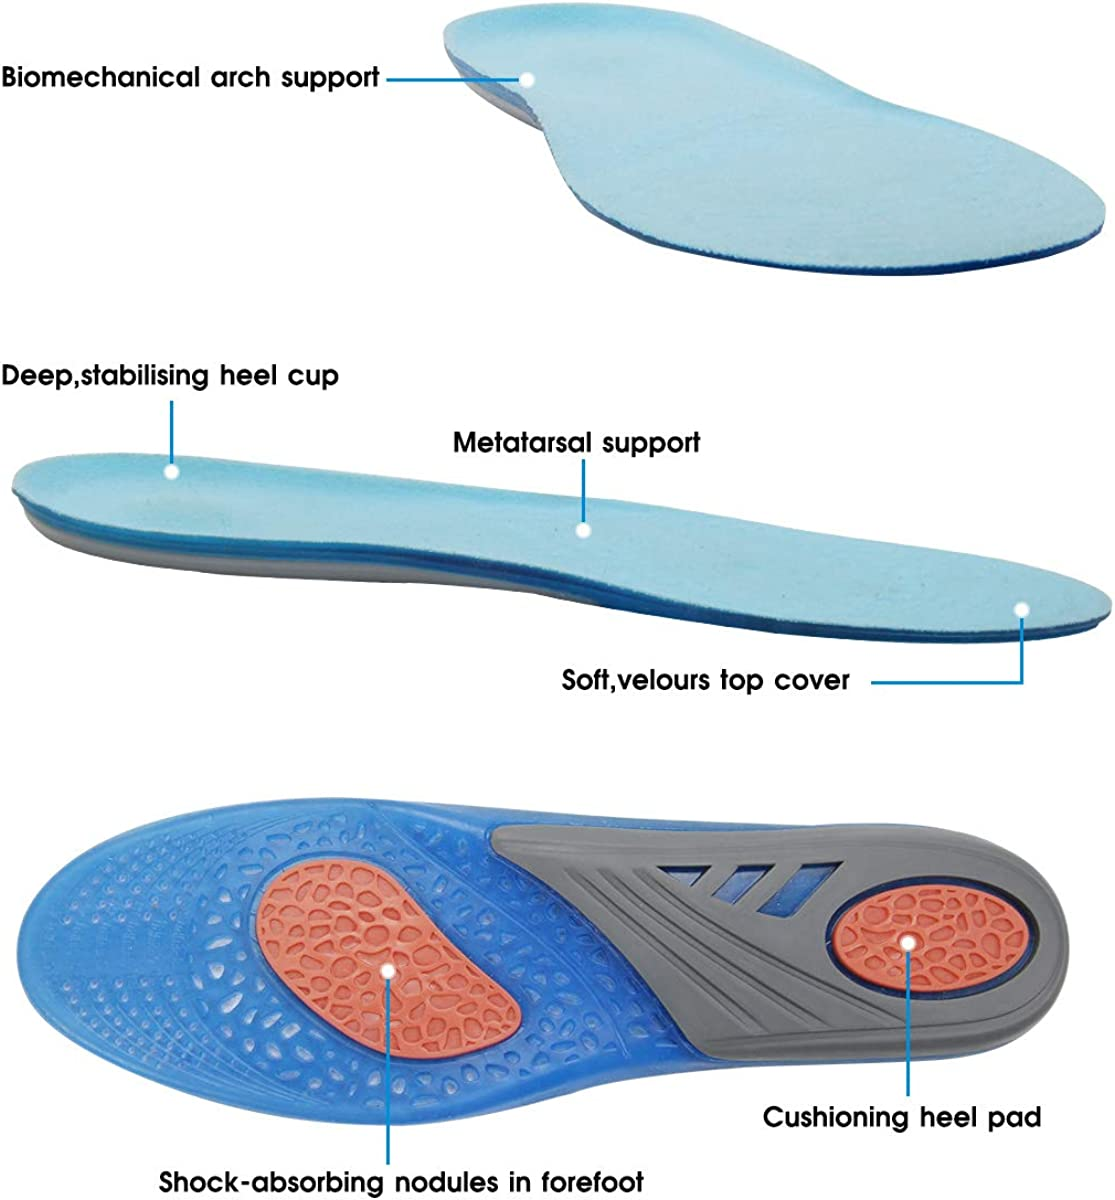 AziPro Solette in Silicone per Scarpe Gel Solette Comfort Sport Ortopediche Possono Essere Tagliate Plantare Sportive Soletta per uomo donna